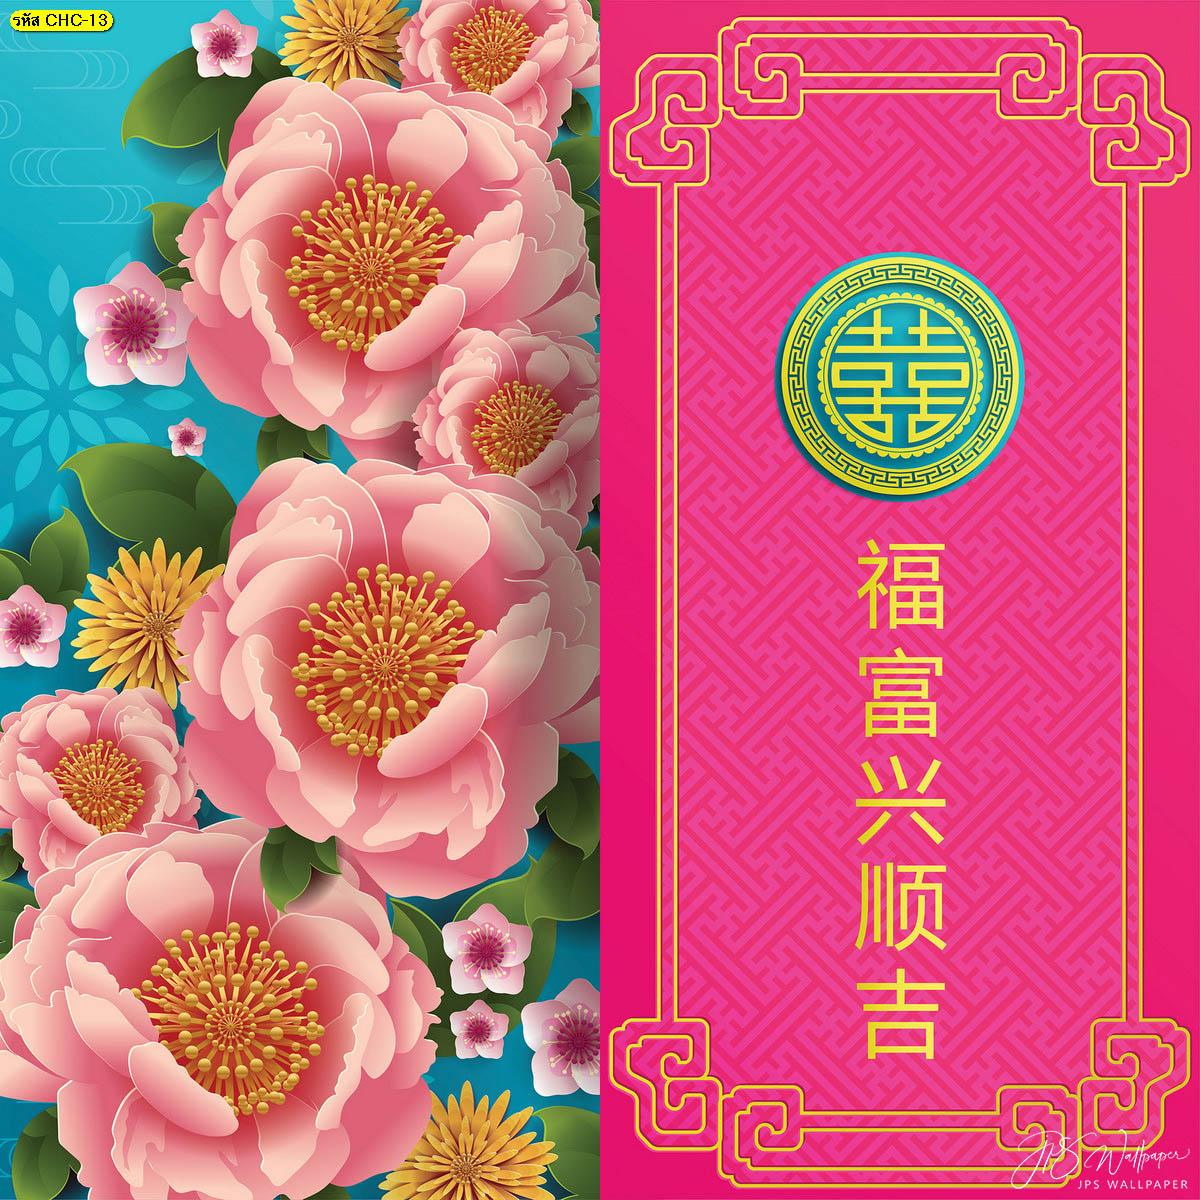 พิมพ์ภาพจีนมงคล วอลเปเปอร์สั่งทำขนาดใหญ่ลายจีนมงคลพื้นหลังดอกไม้สีชมพู